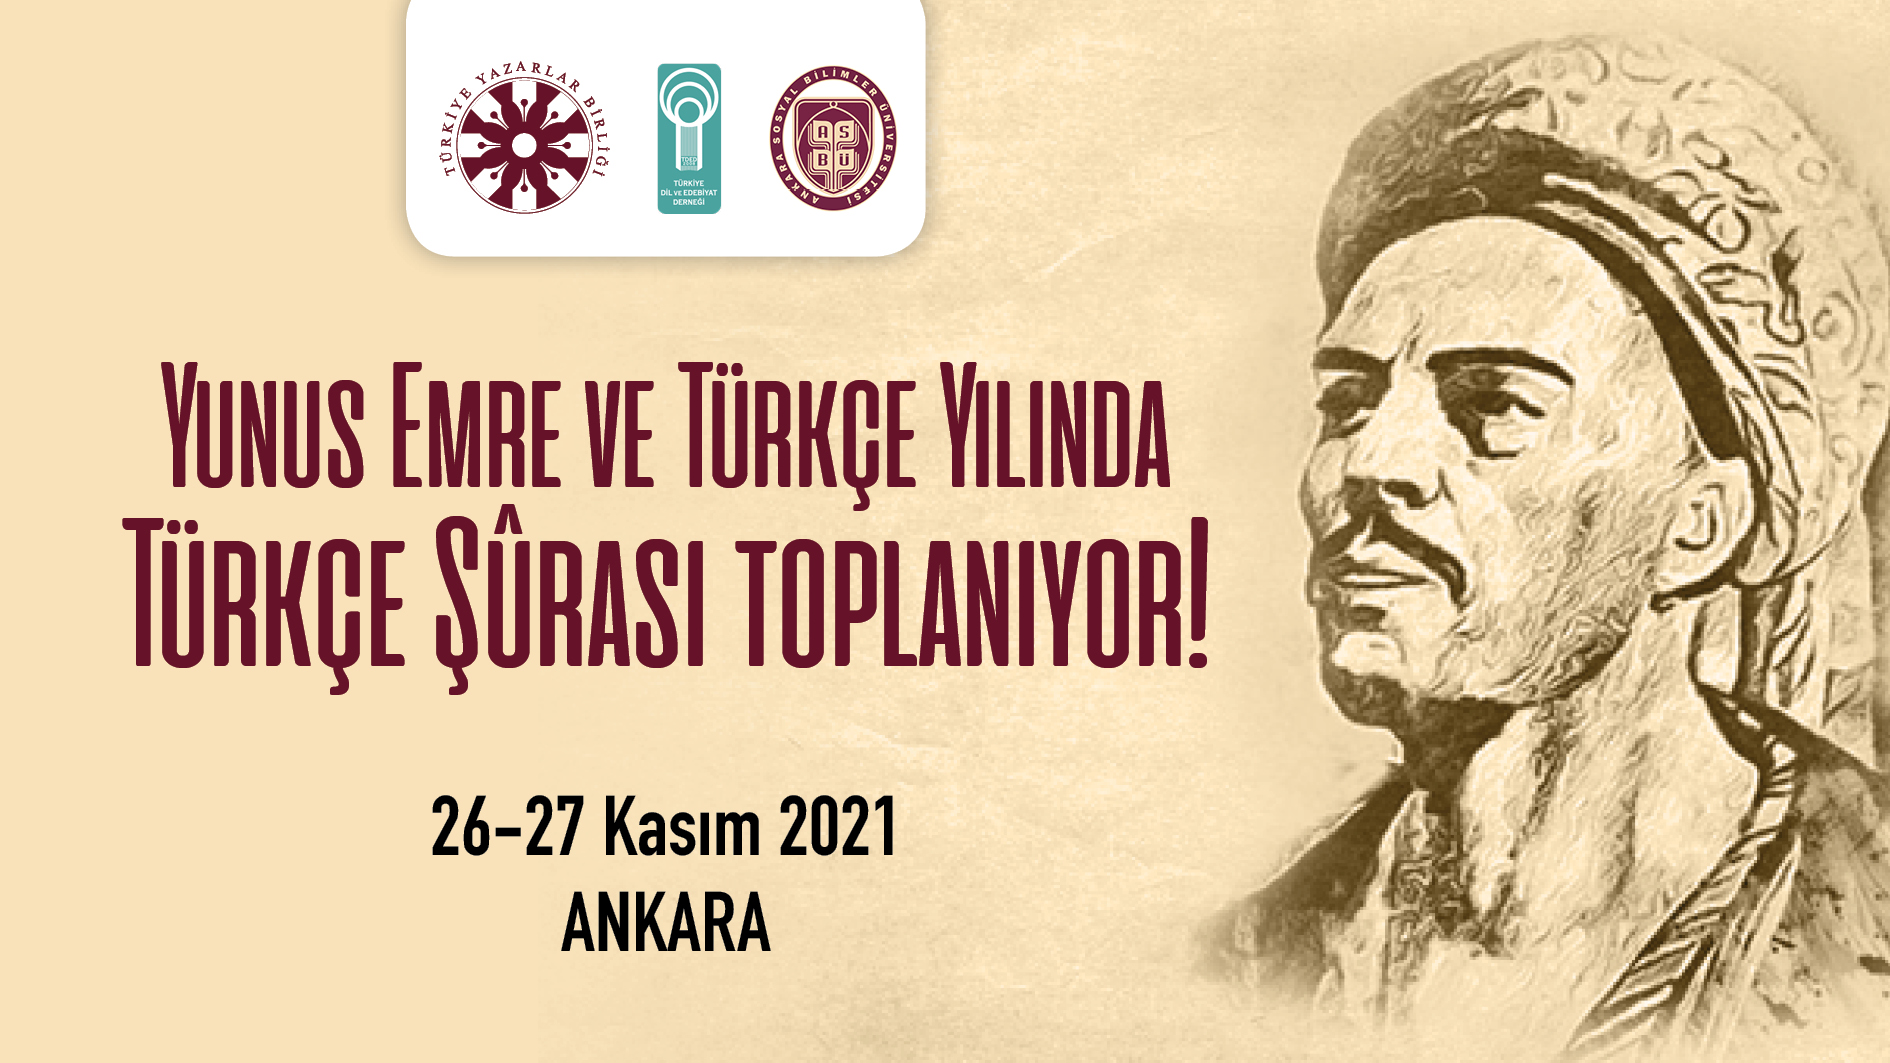 Türkçe Yılında Türkçe Şûrası toplanıyor!